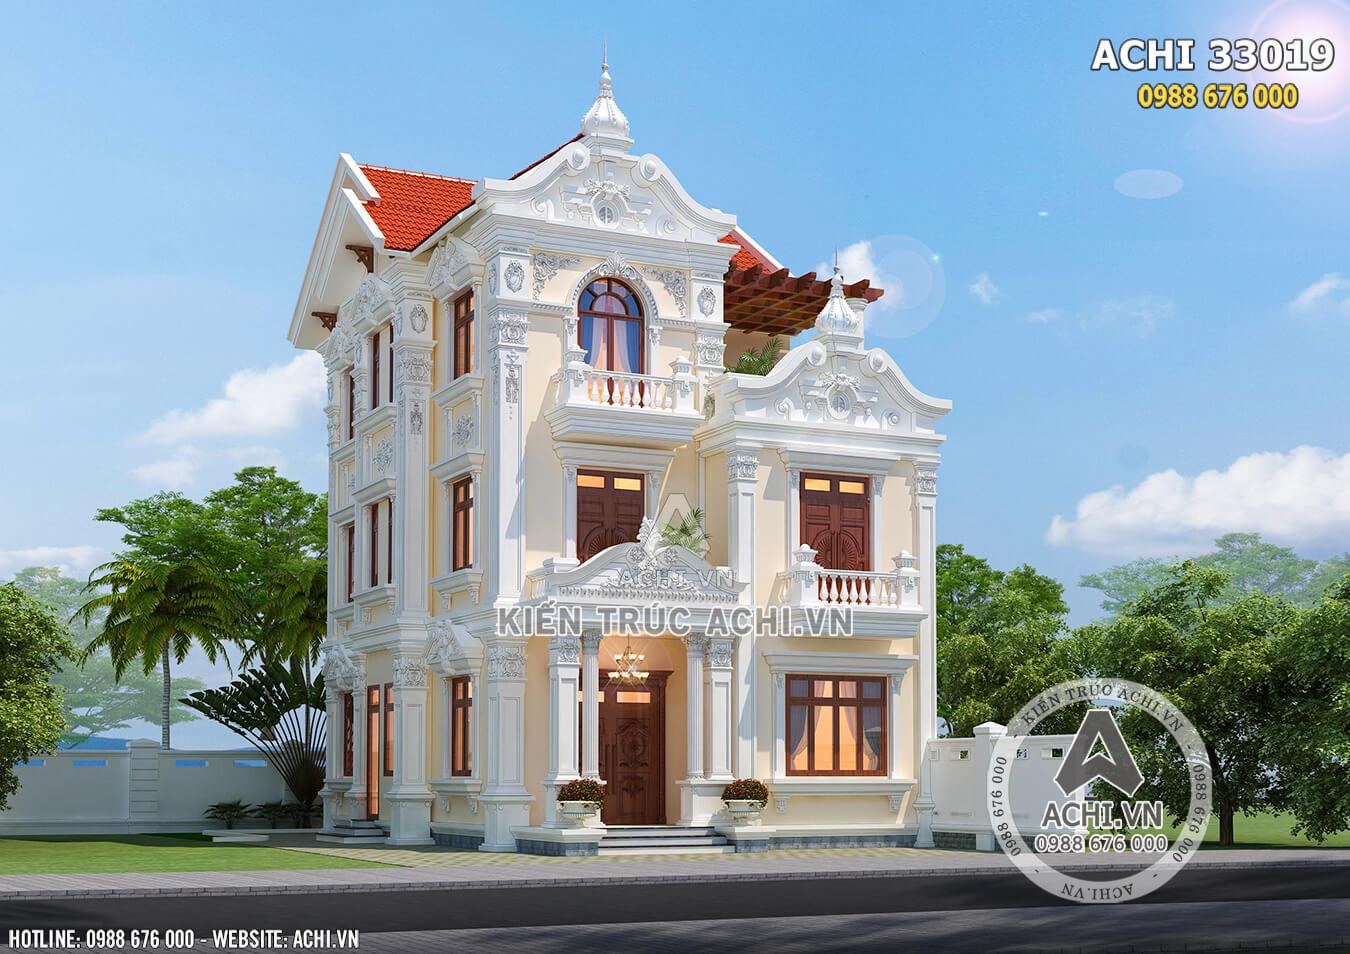 Hình ảnh: Một góc view của mẫu nhà tân cổ điển tại Hà Nội – ACHI 33019